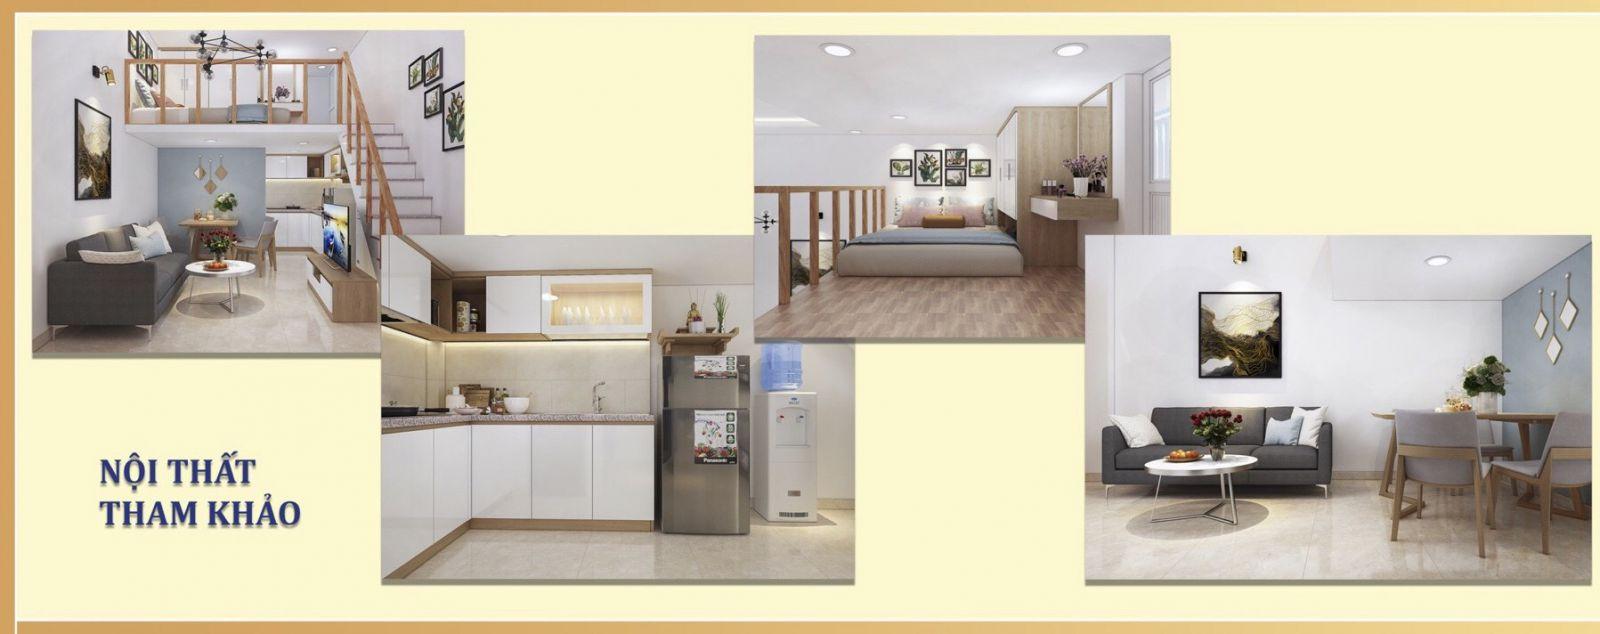 nội thất căn hộ family home